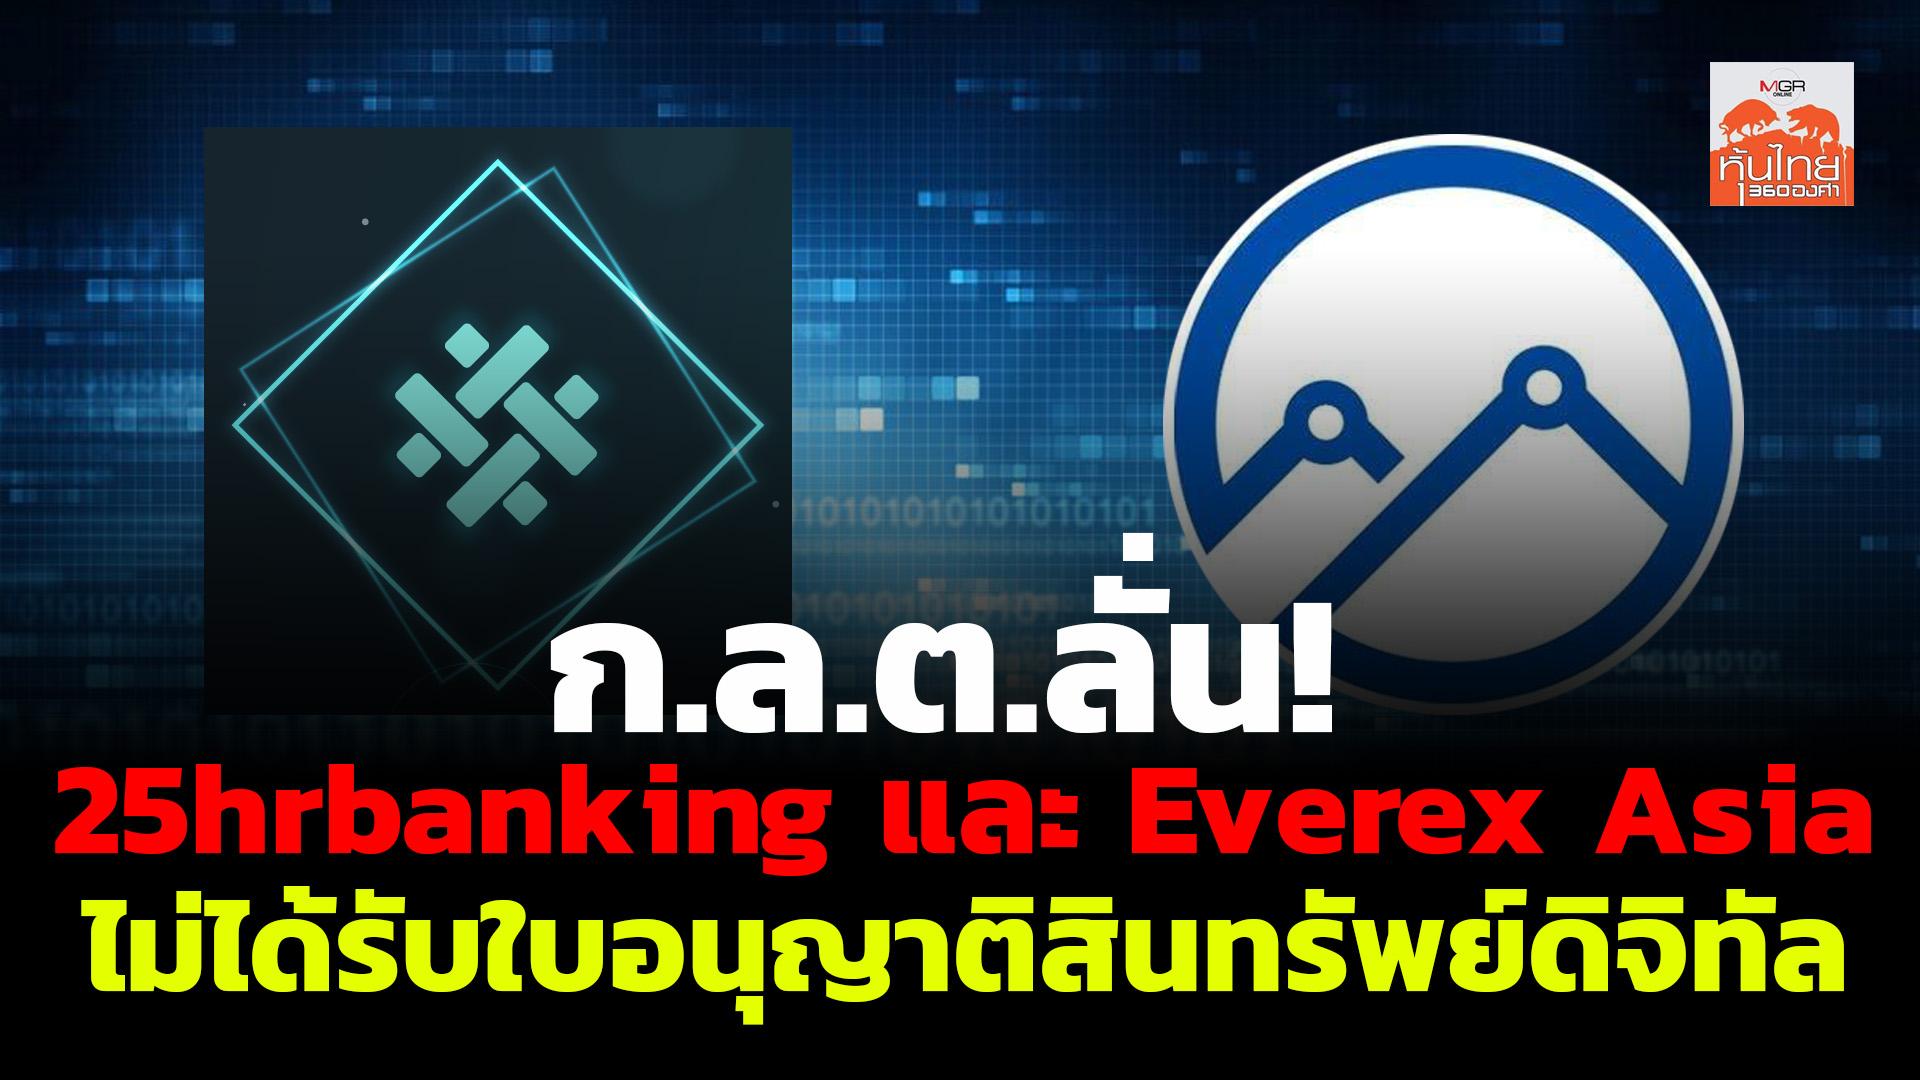 ก.ล.ต. ลั่น 25hrbanking และ Everex Asia ไม่ได้รับใบอนุญาติสินทรัพย์ดิจิทัล